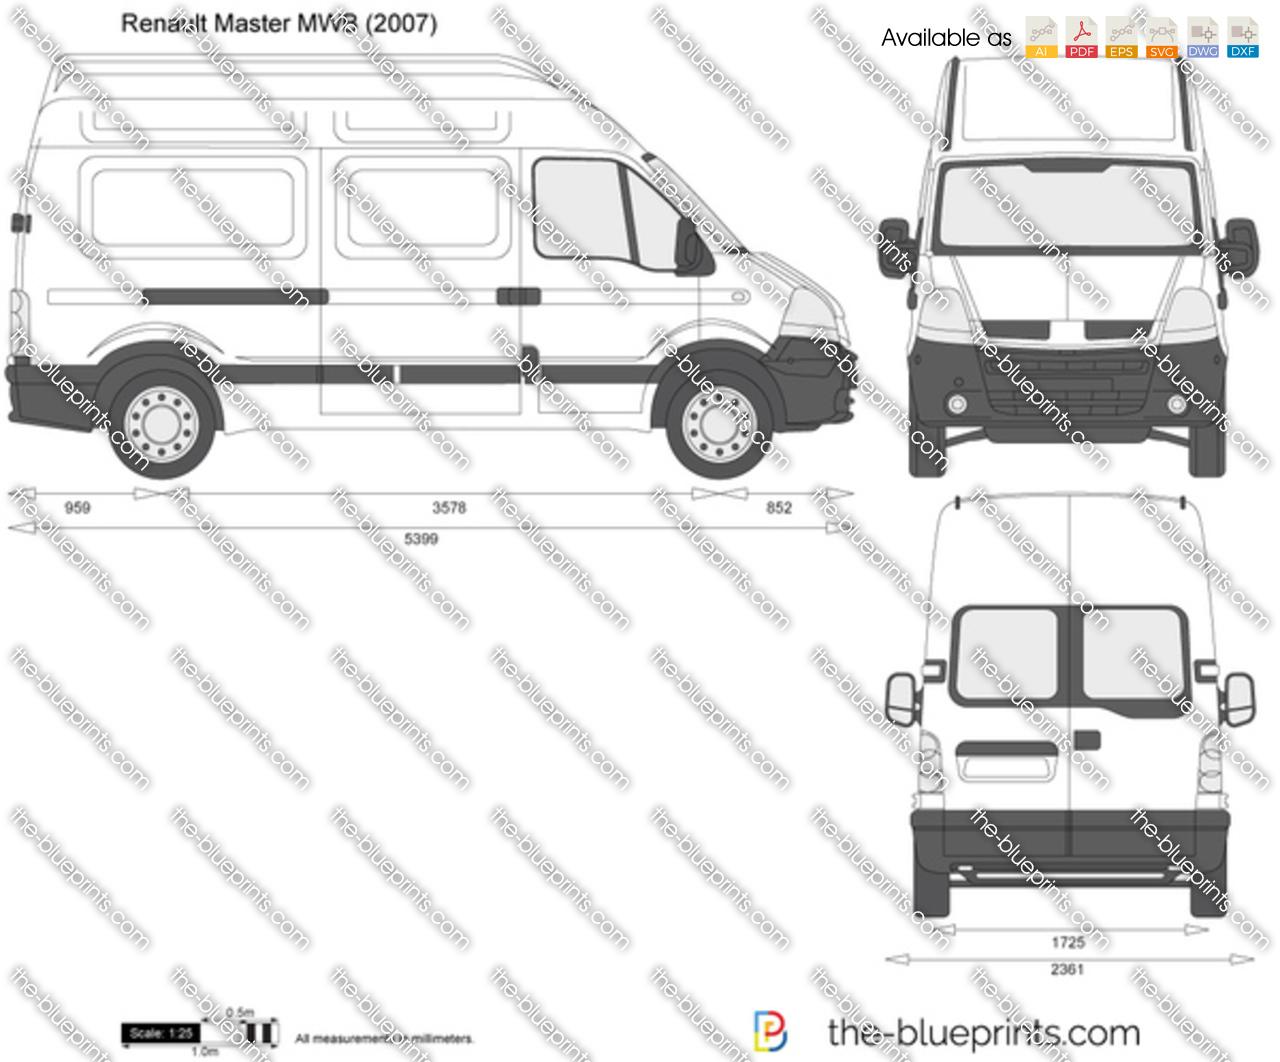 Renault Master MWB